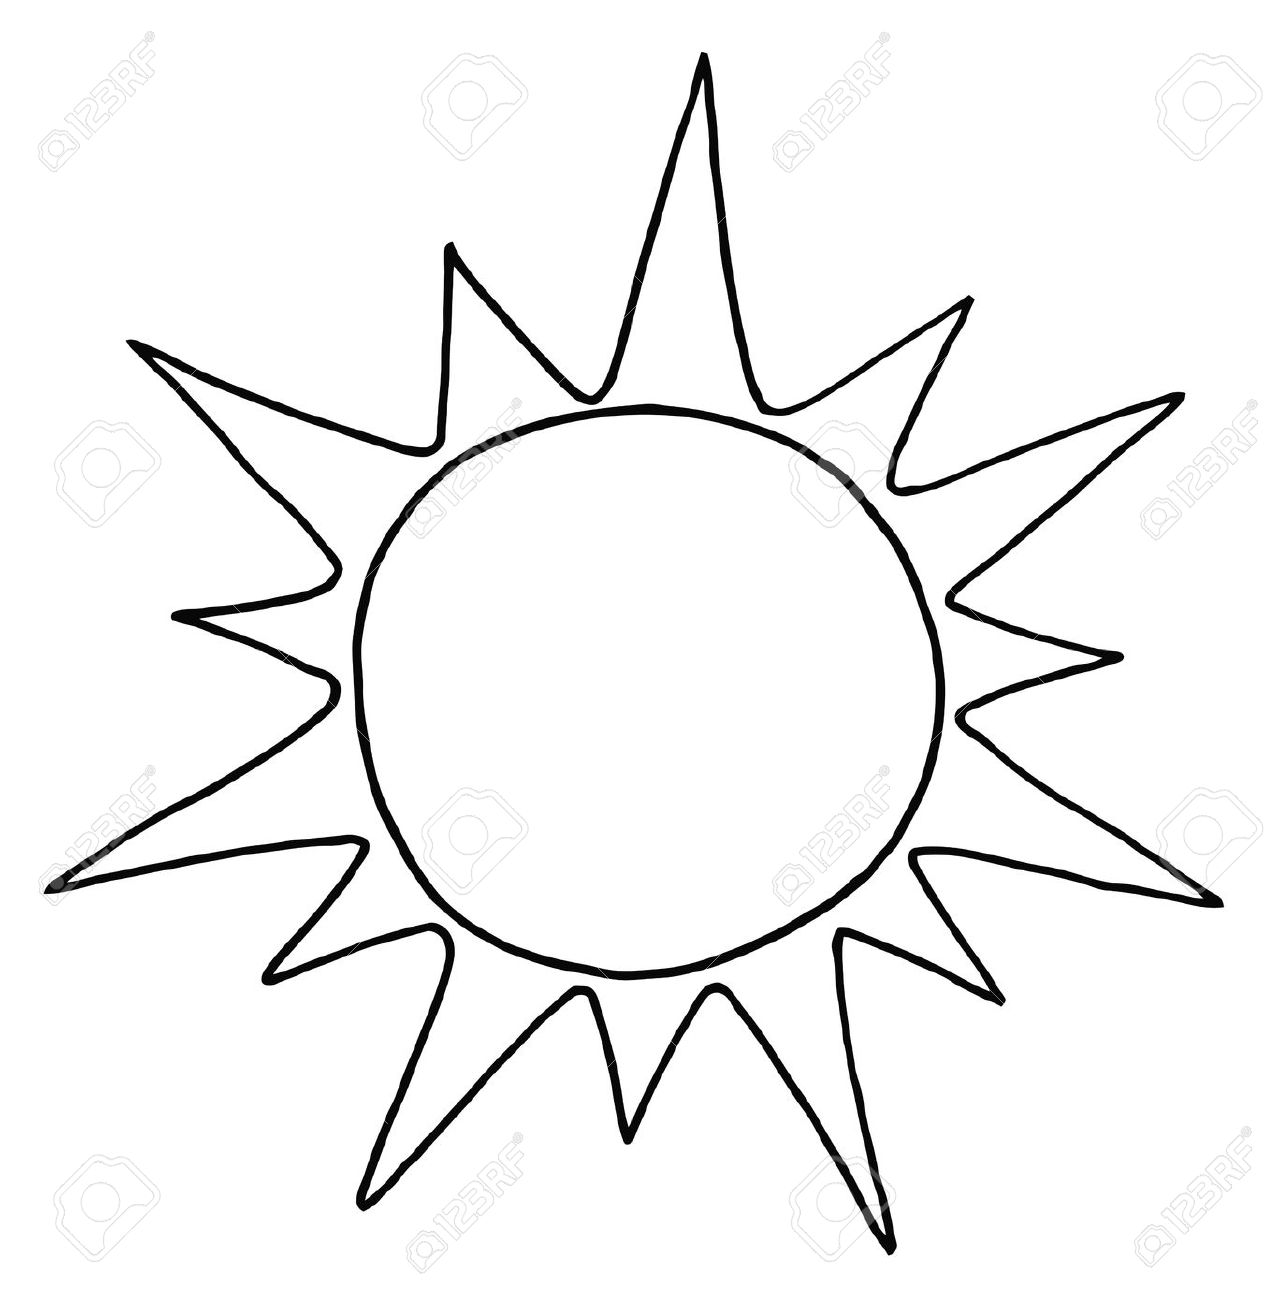 Sonne clipart schwarz wei